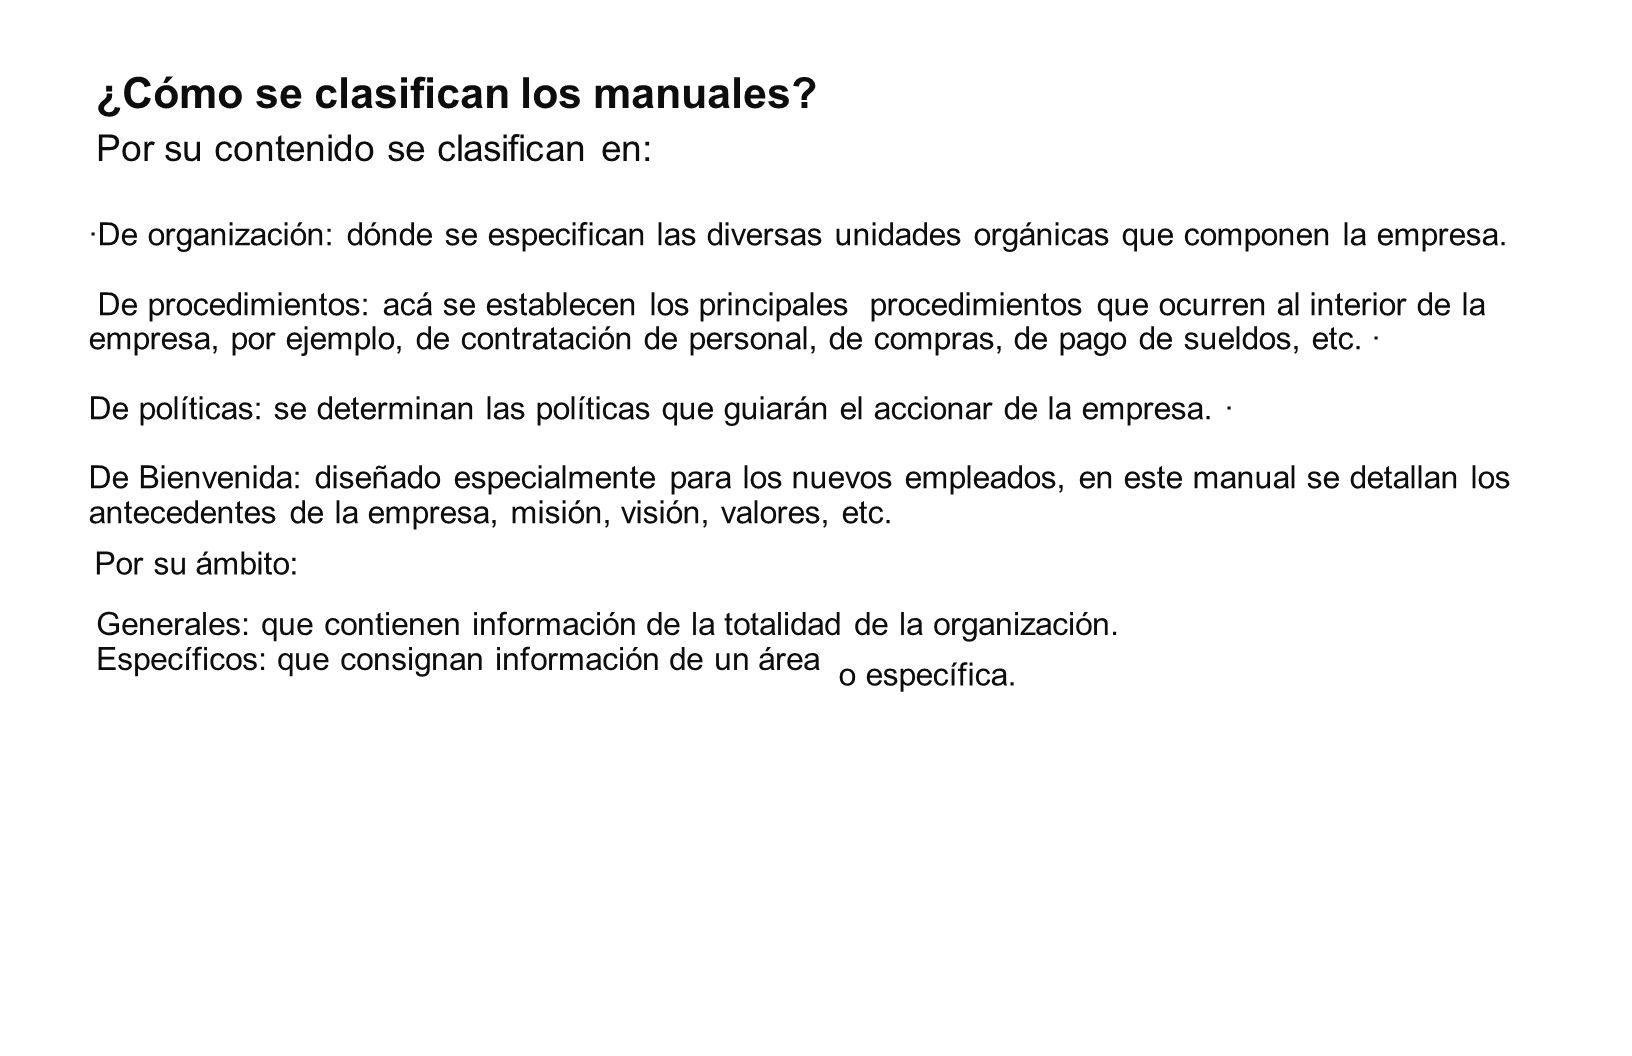 ¿Cómo se clasifican los manuales